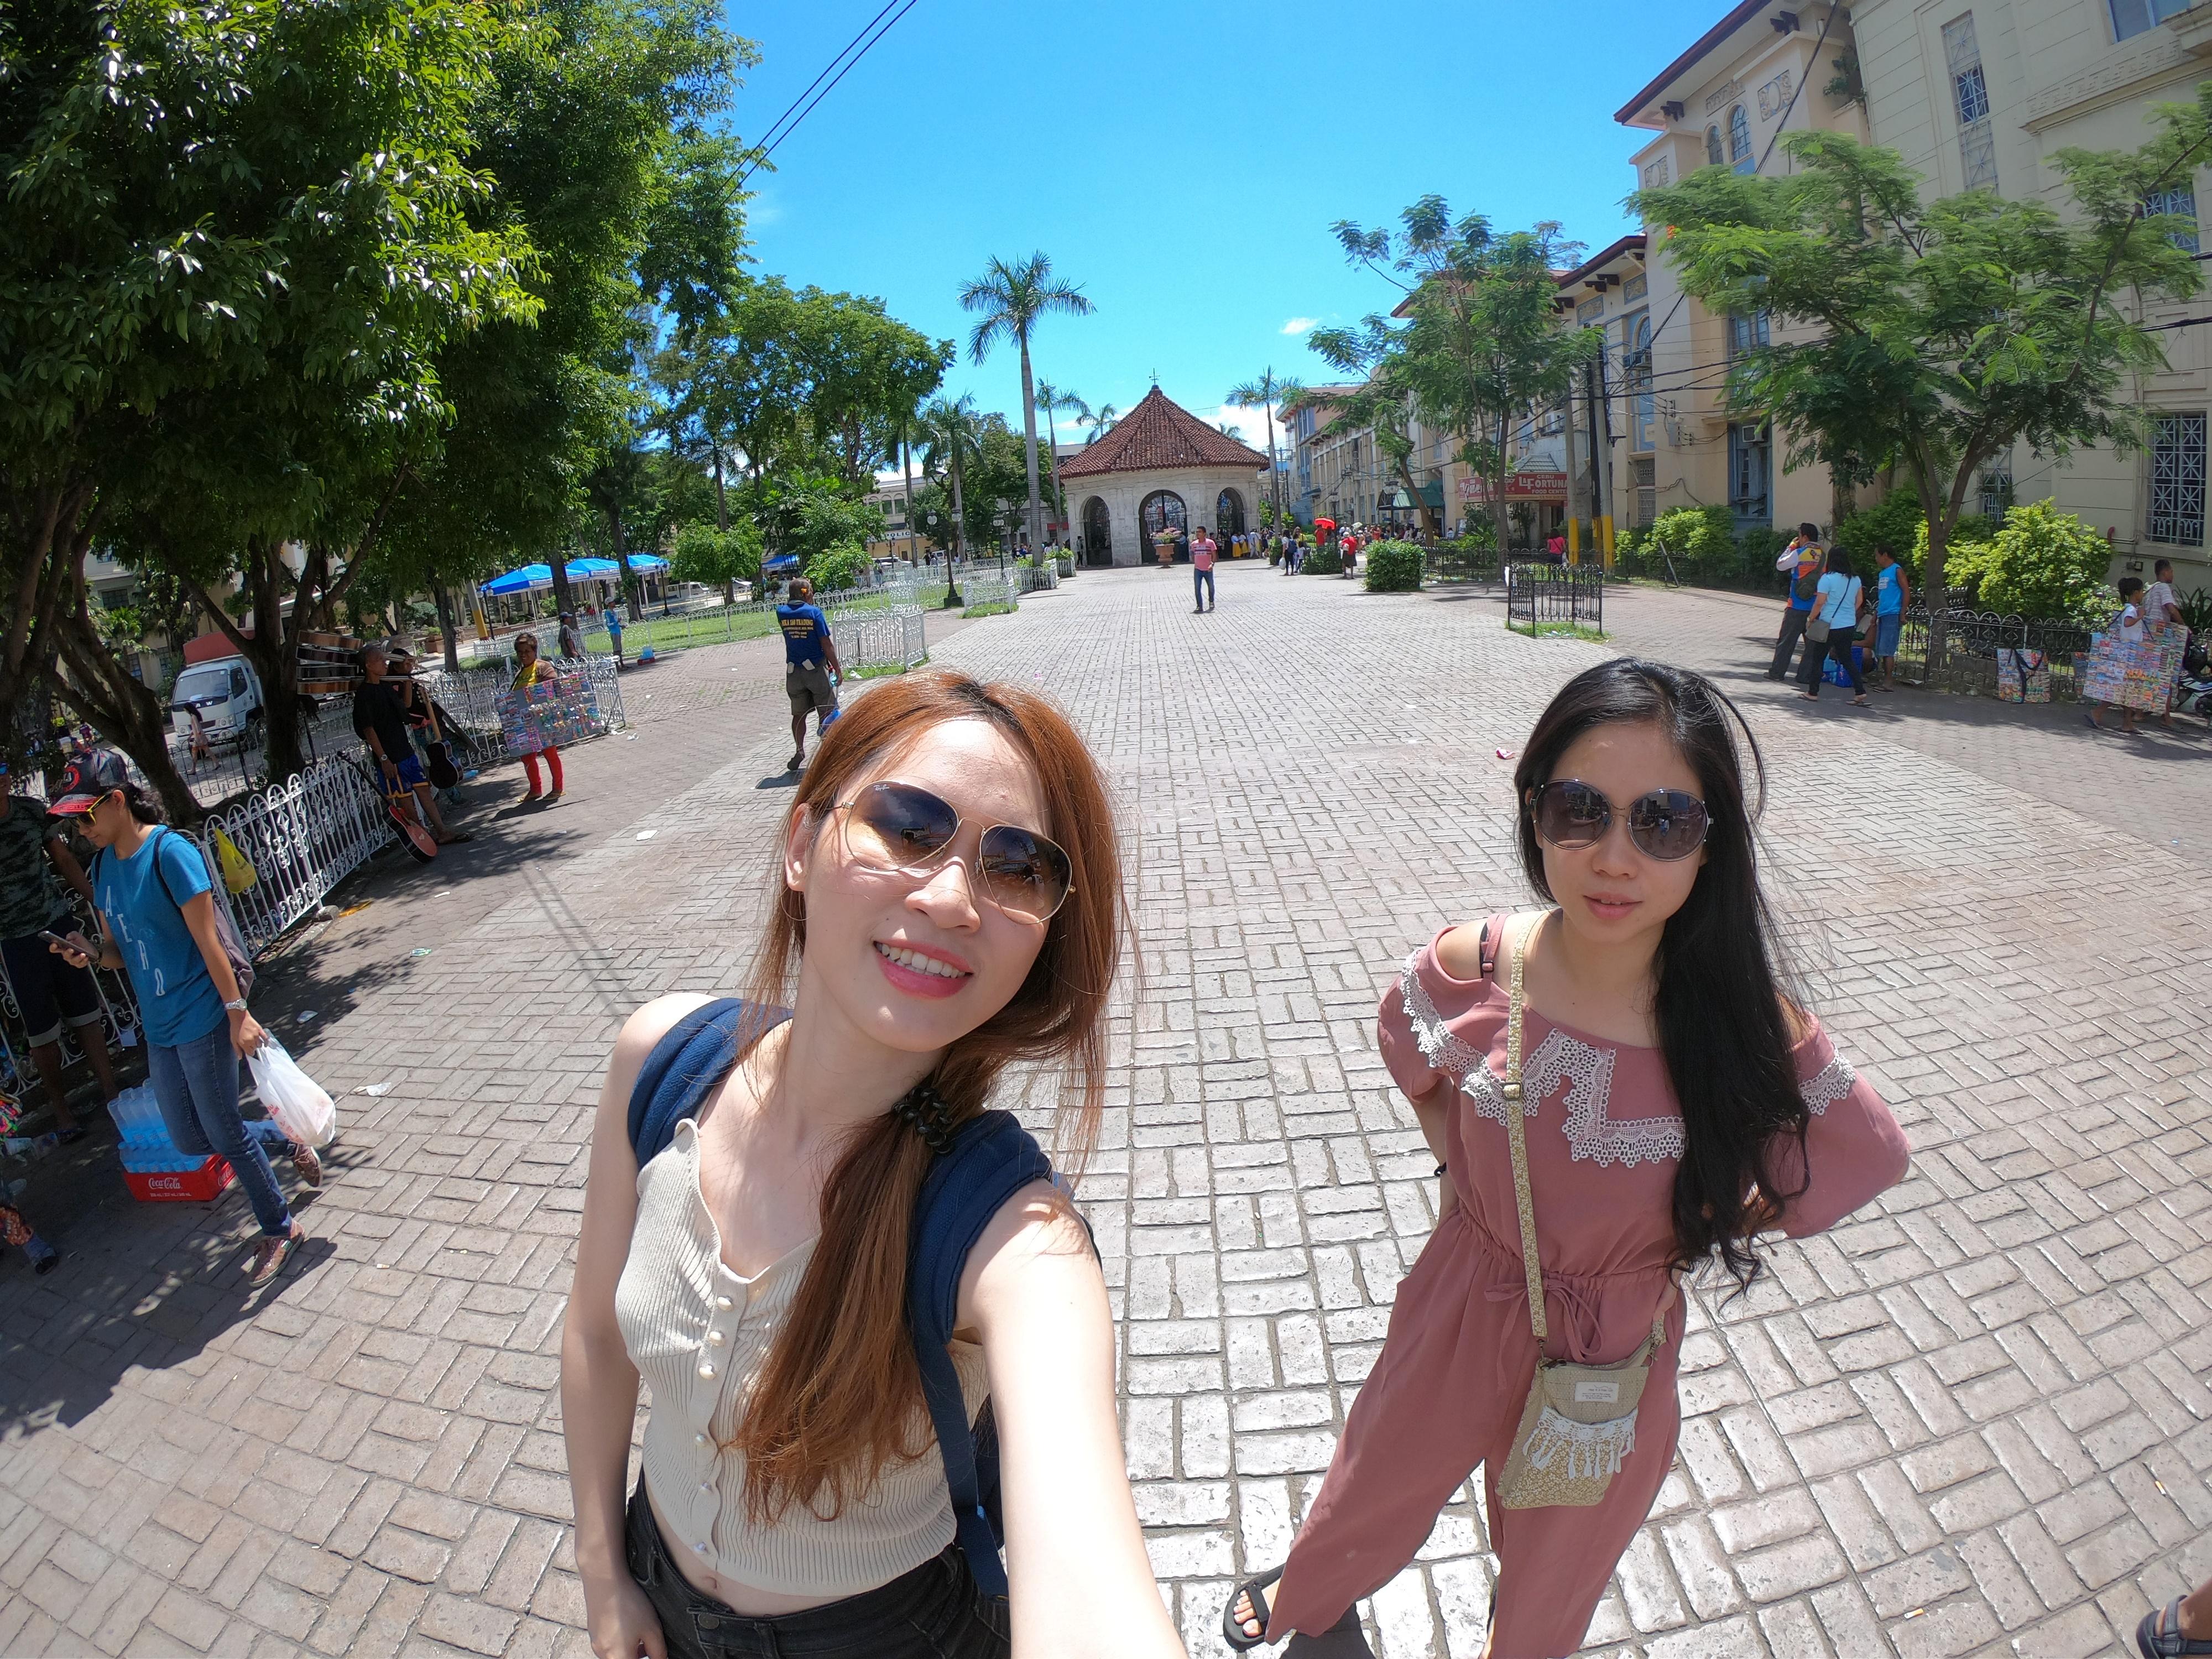 跳跳菲律賓遊學日記:城市導覽(麥哲倫十字架、聖嬰教堂、聖佩卓堡)